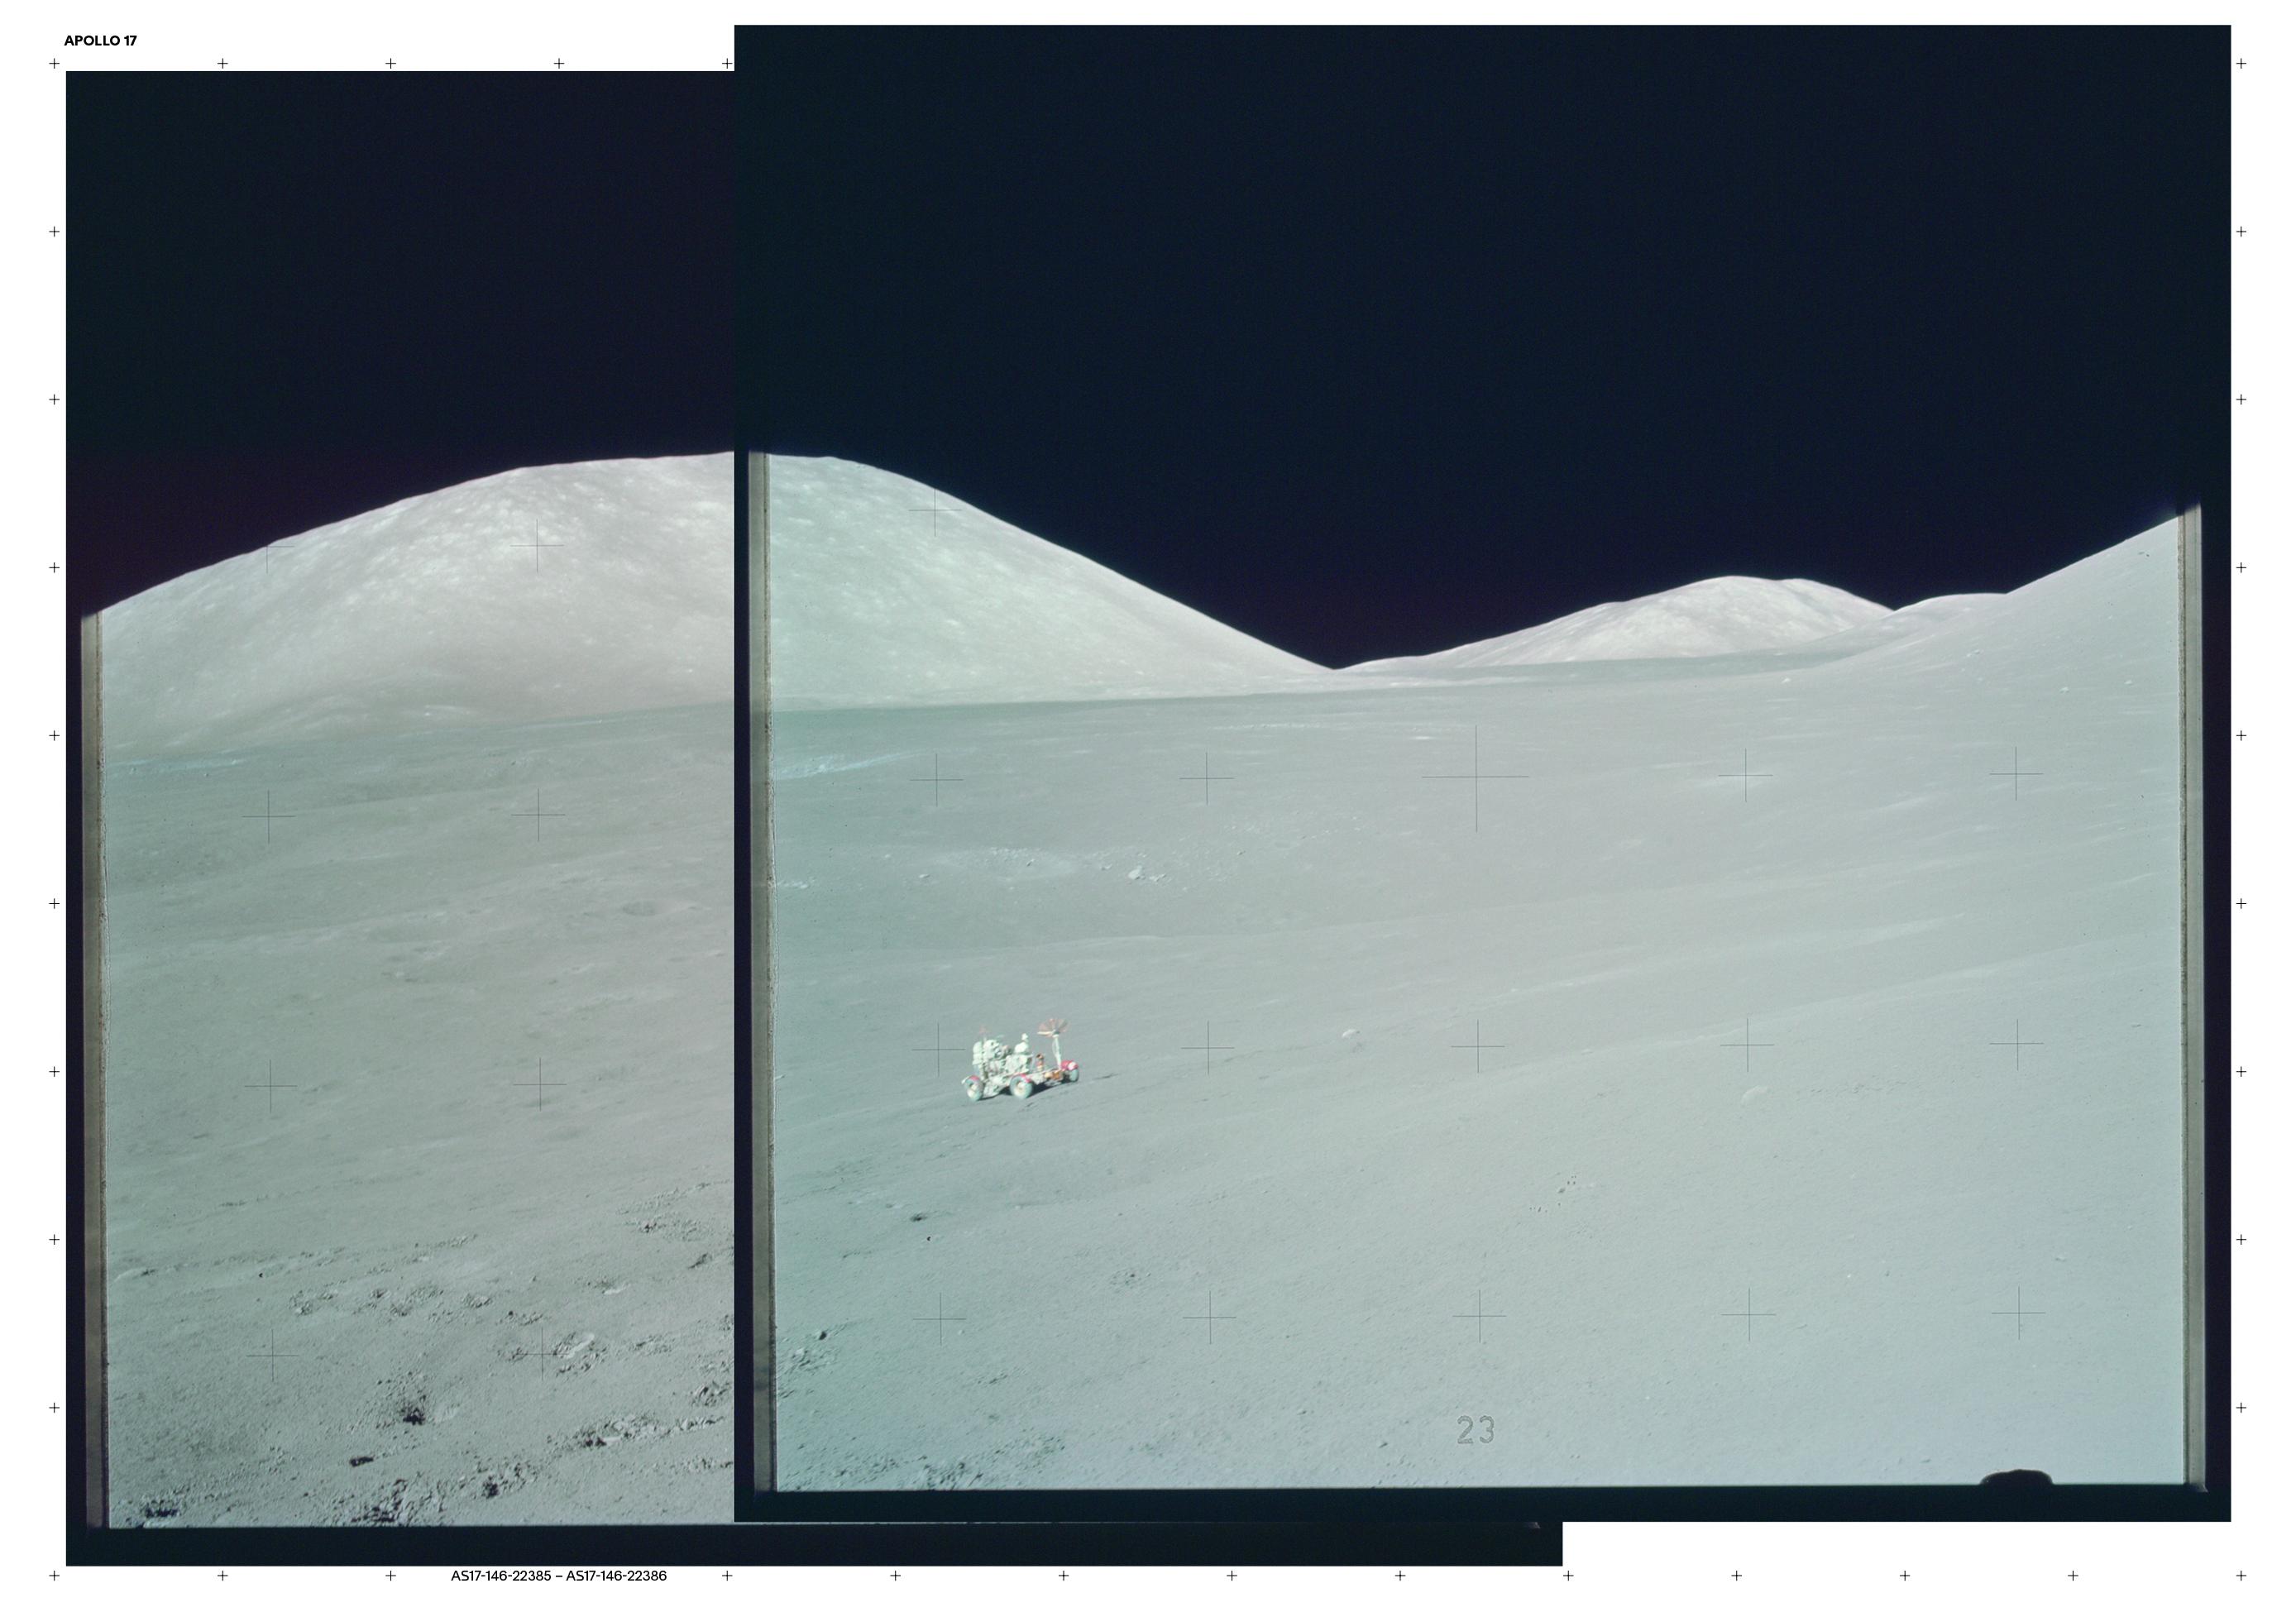 La mer de l'intranquillité, photographies d'une conquête de la Lune oubliée - VICE